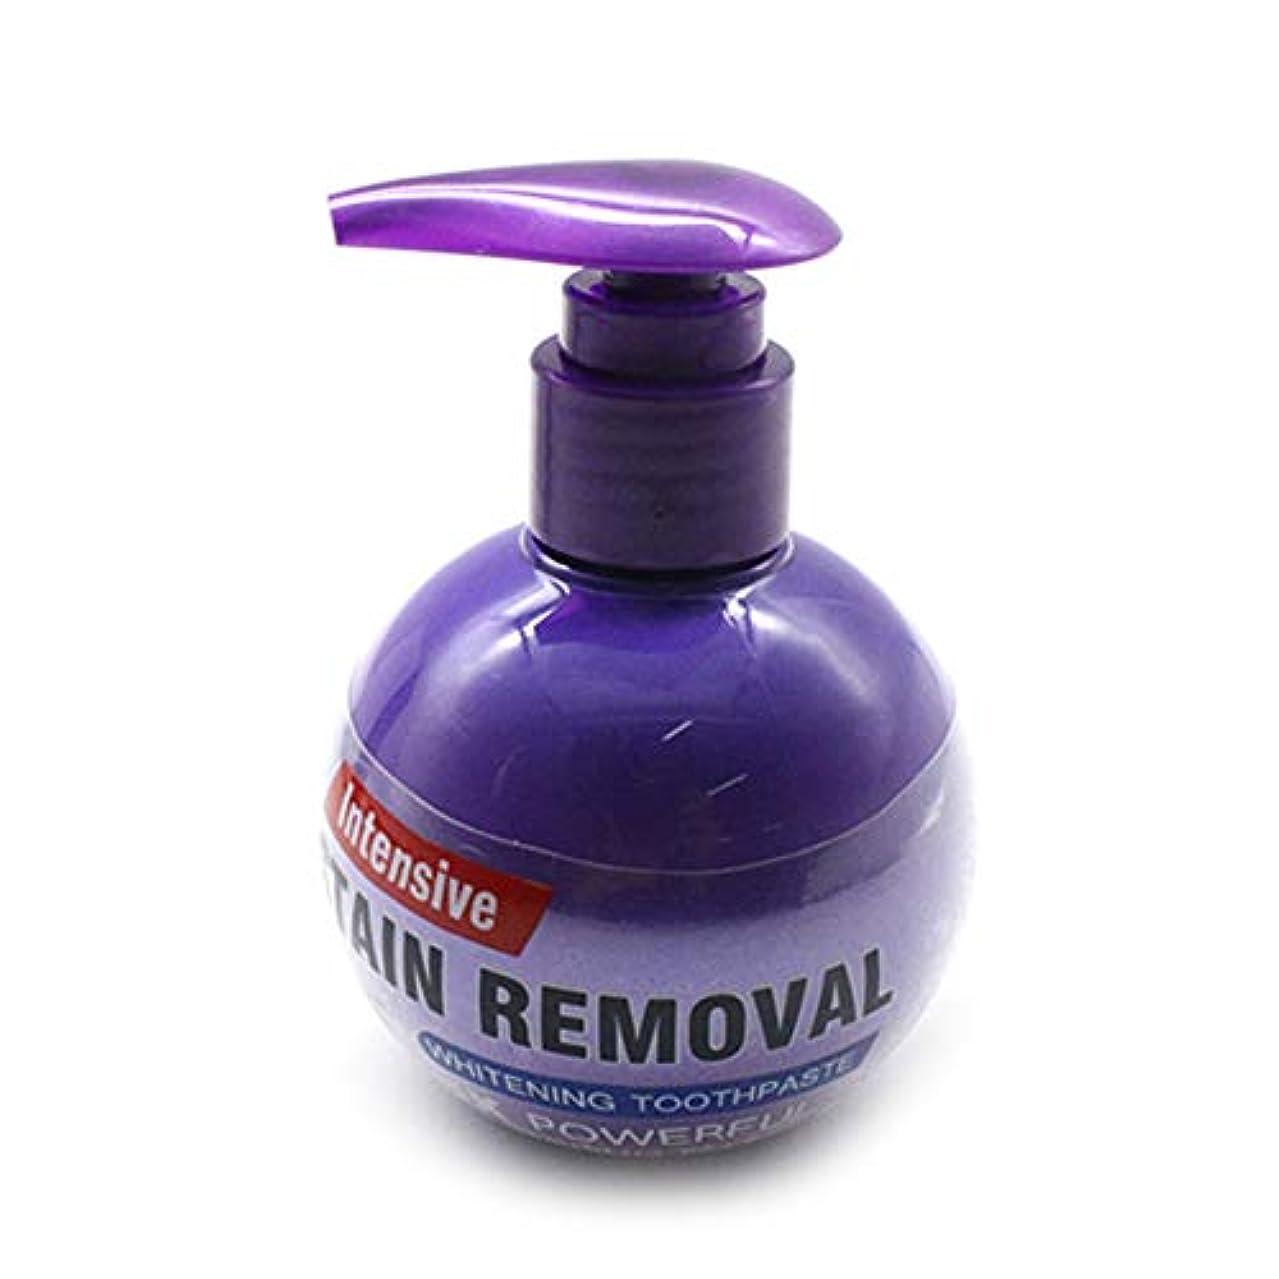 ずっと牧師評価するBeaurtty強力な洗剤、新しい歯磨き粉の美白、抗出血ガム、歯磨き粉、歯